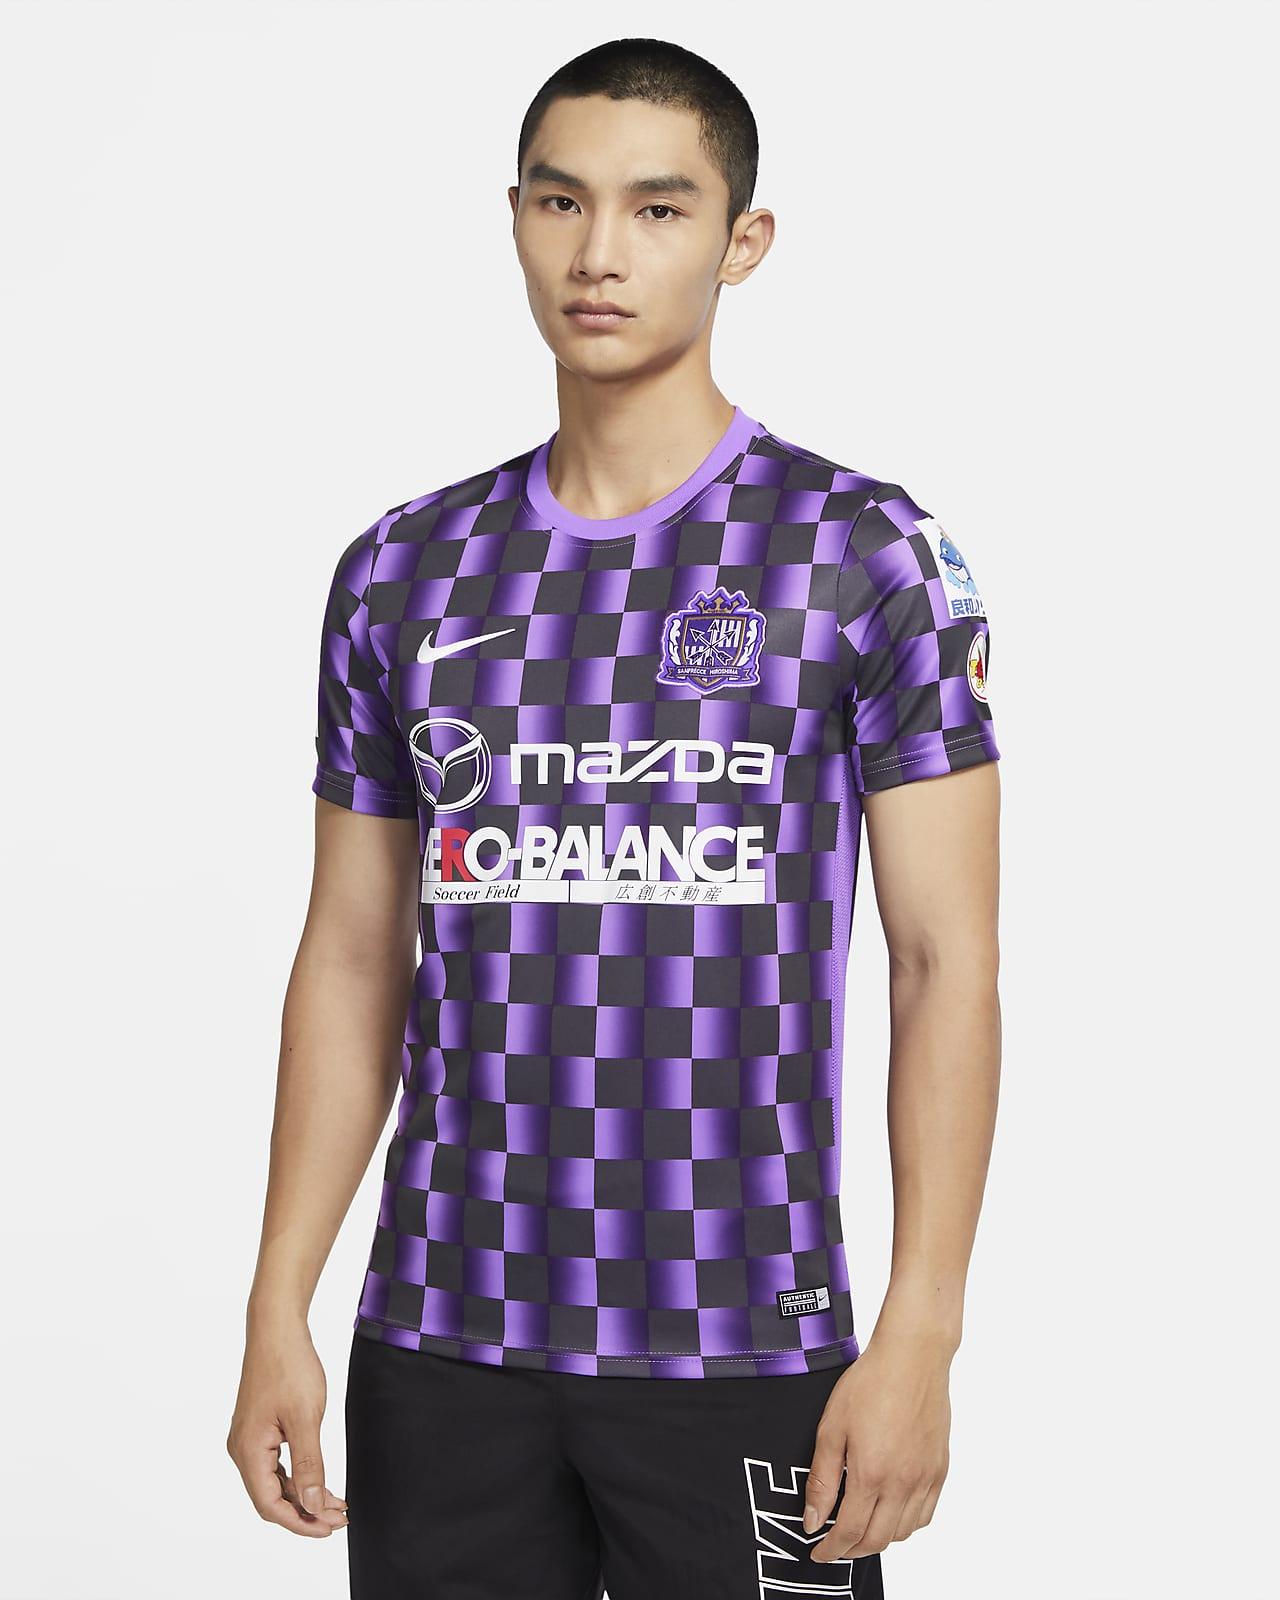 サンフレッチェ Hiroshima アカデミー メンズ ショートスリーブ グラフィック サッカートップ